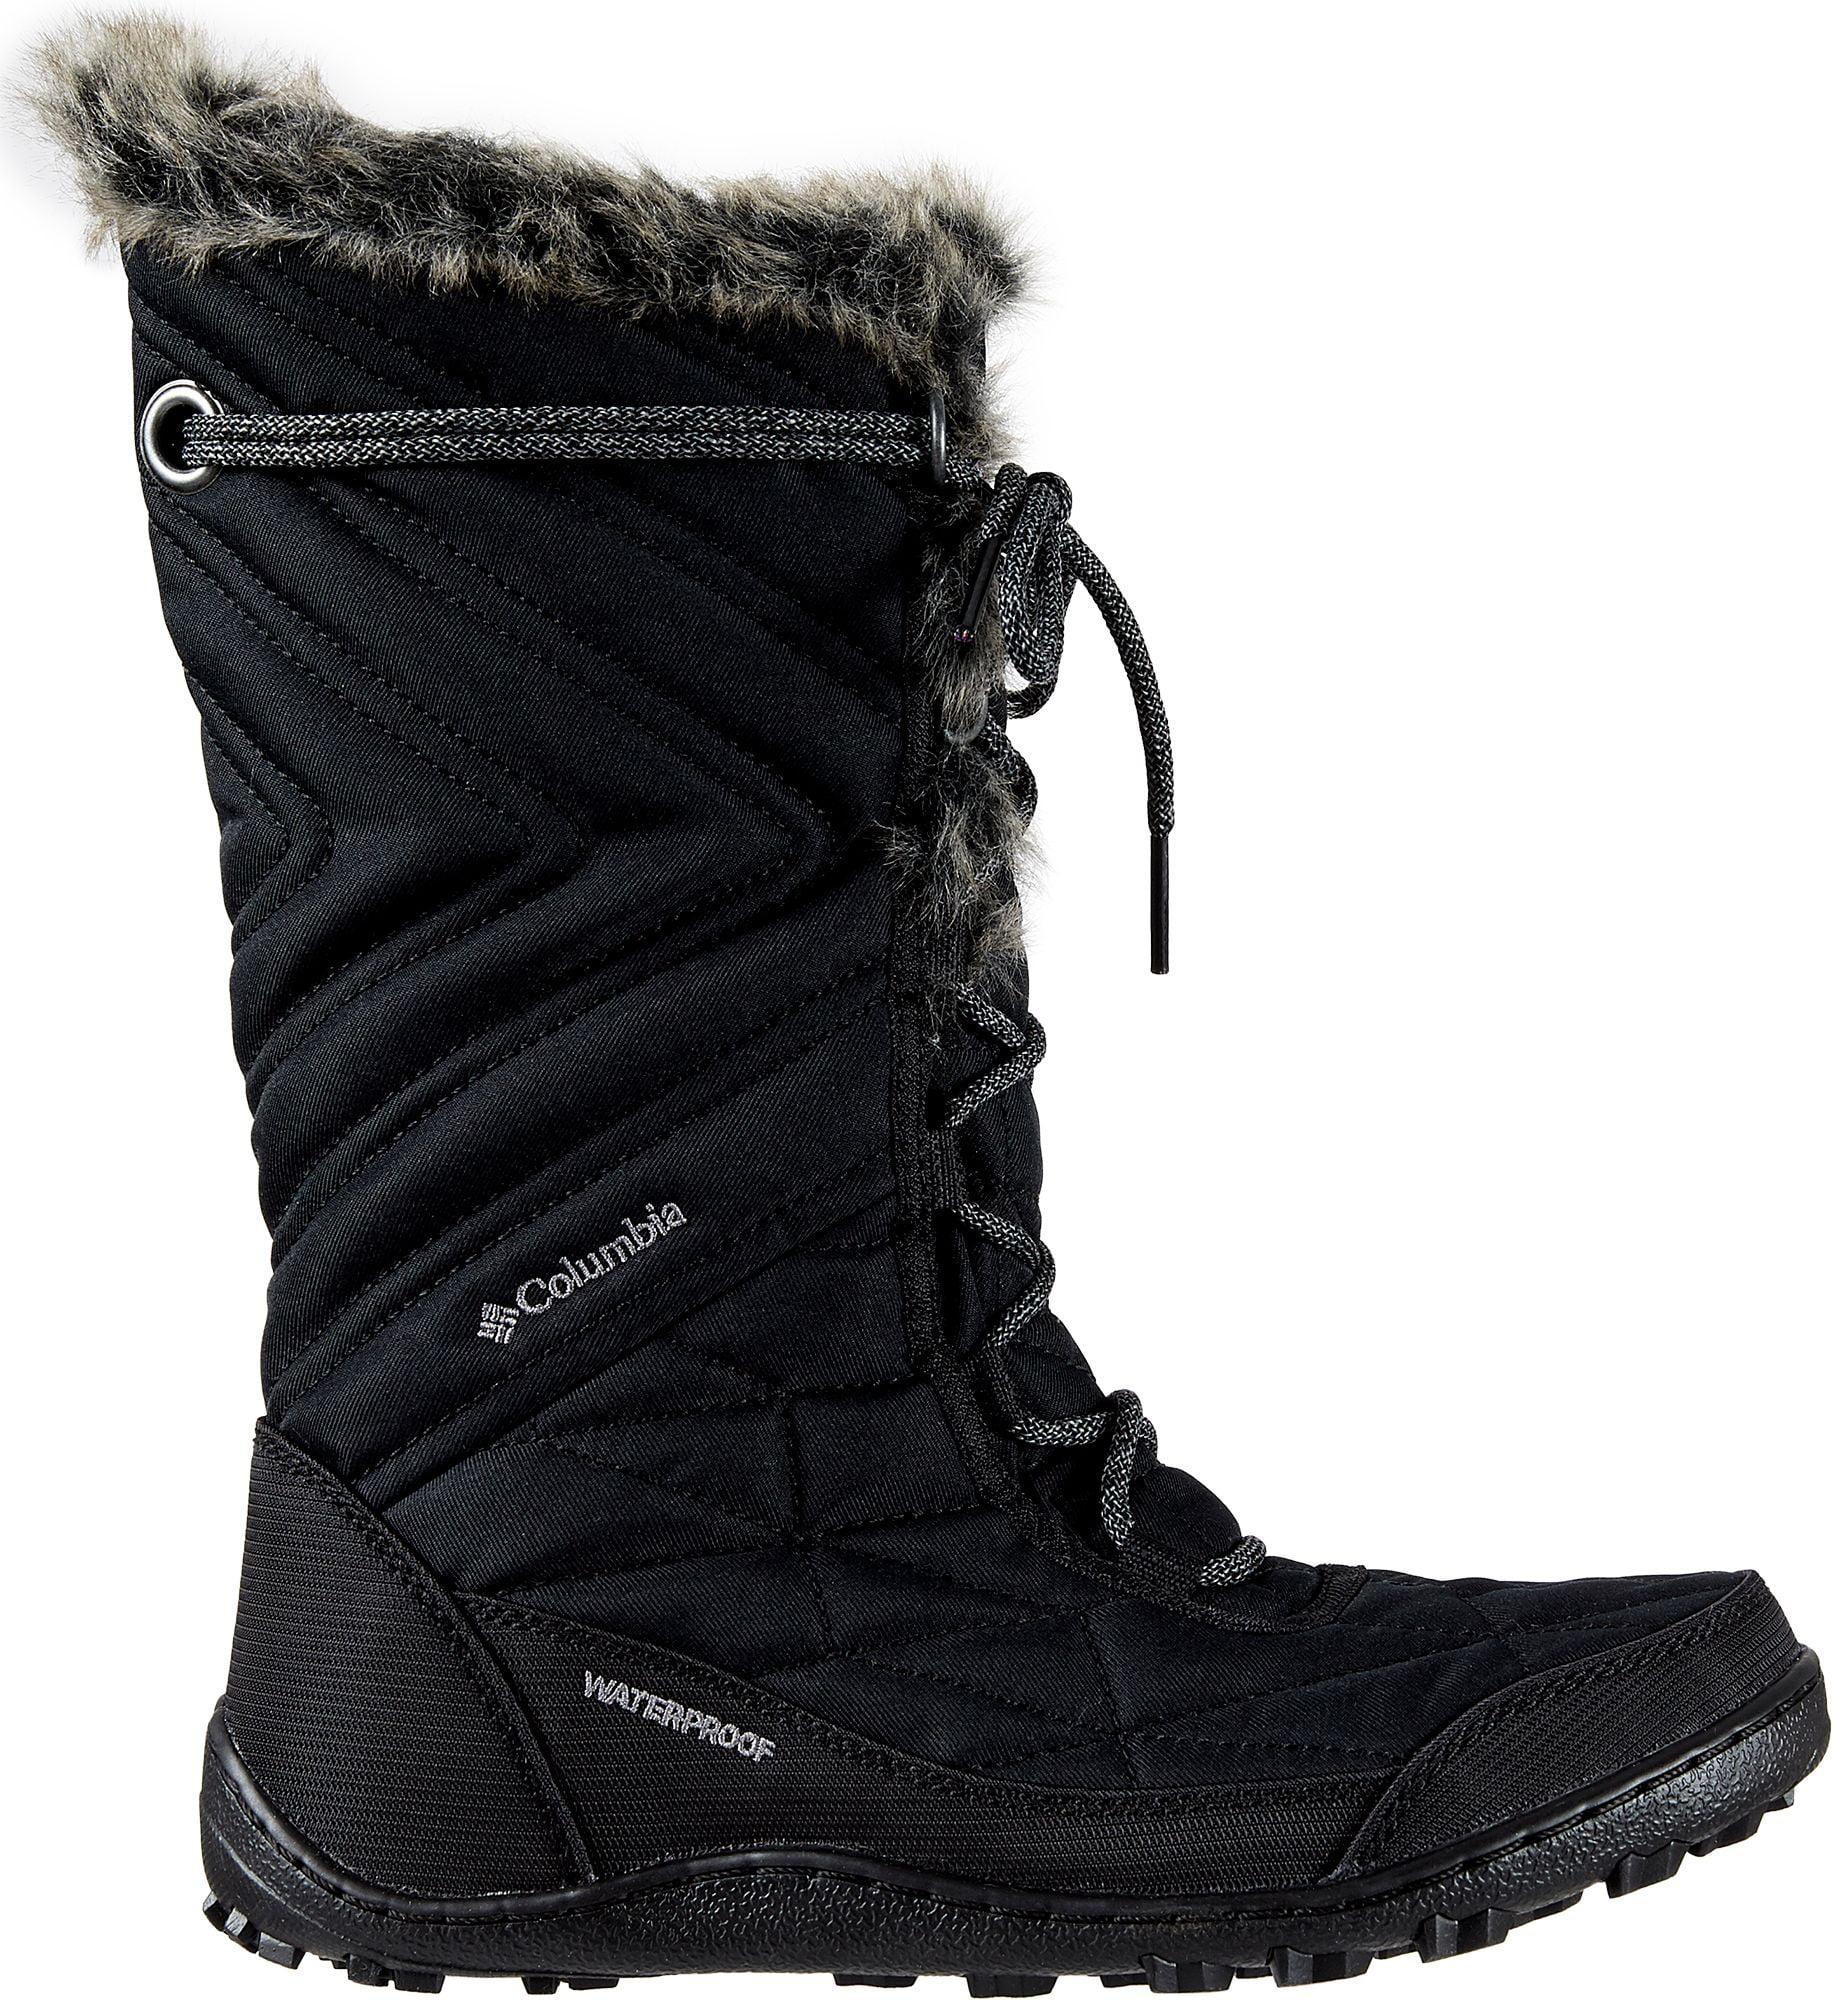 Minx Mid III 200g Winter Boots